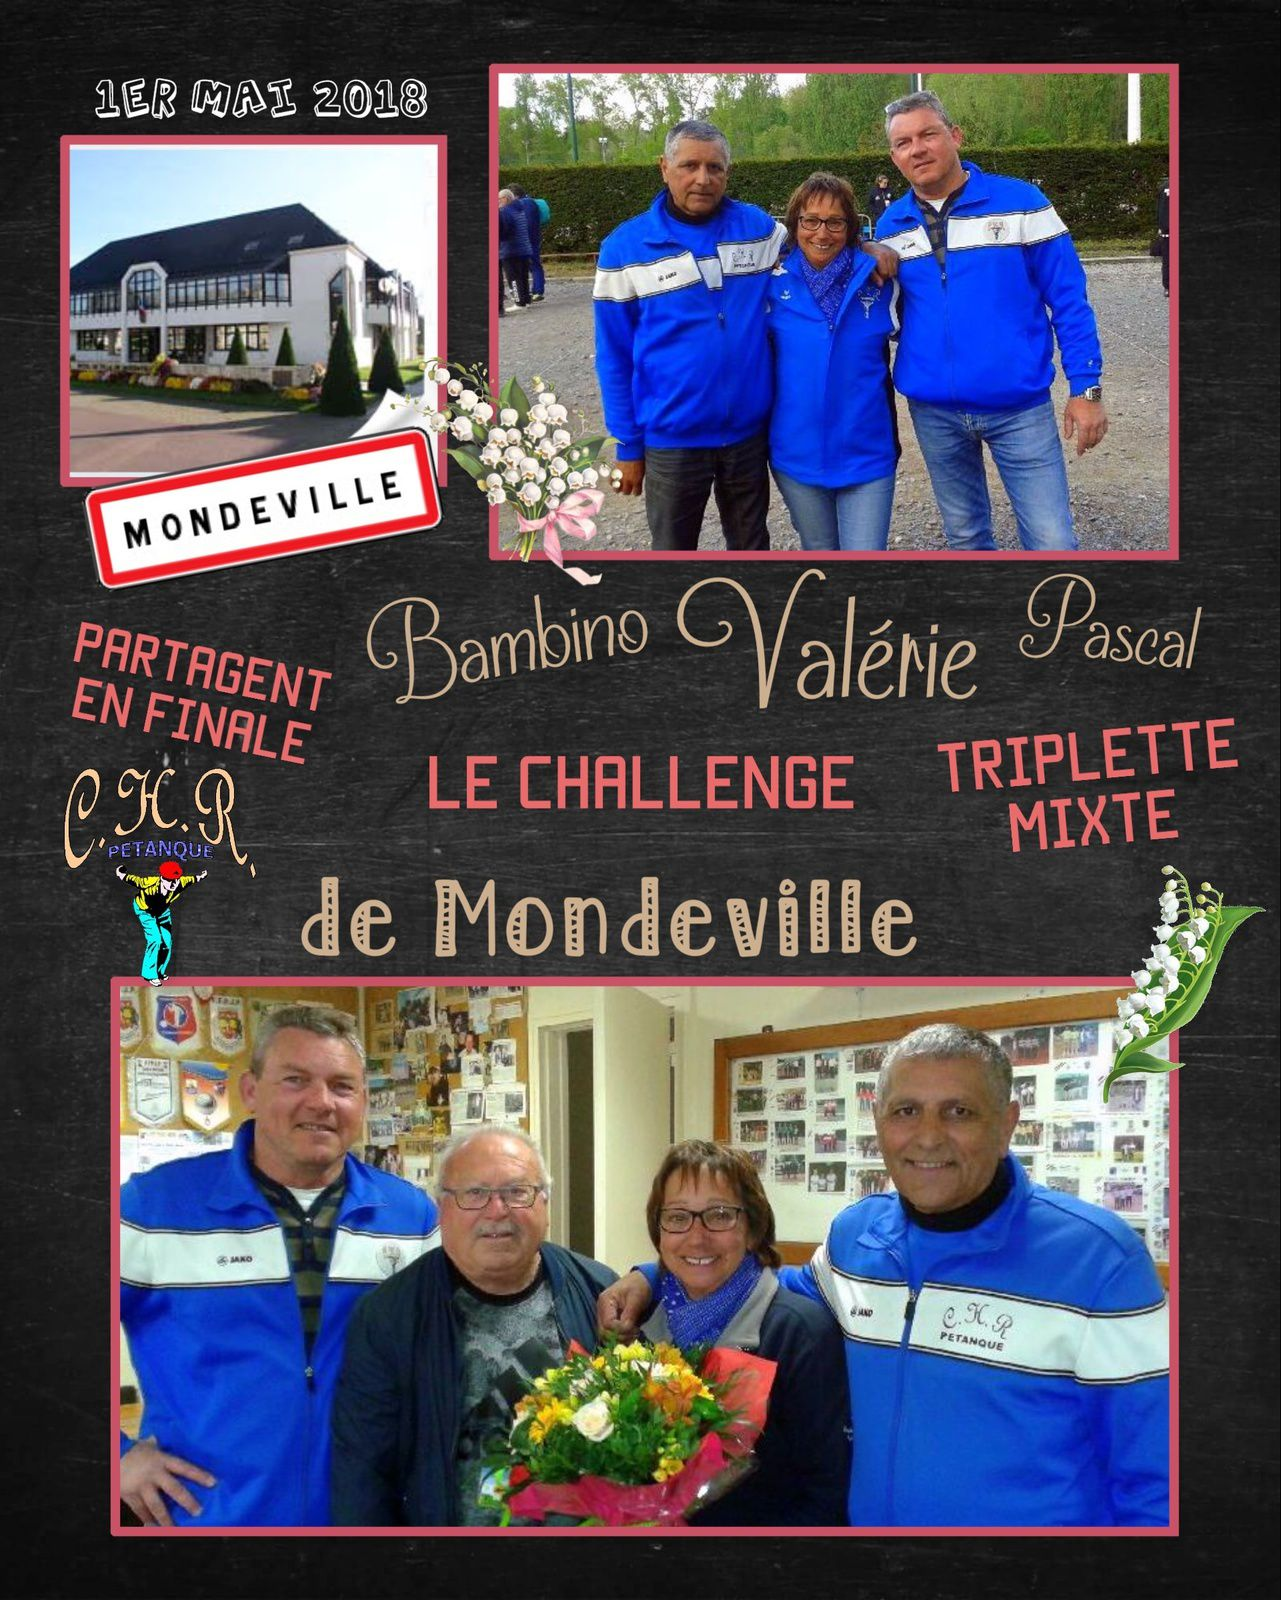 1er mai, Challenge triplette mixte de Mondeville